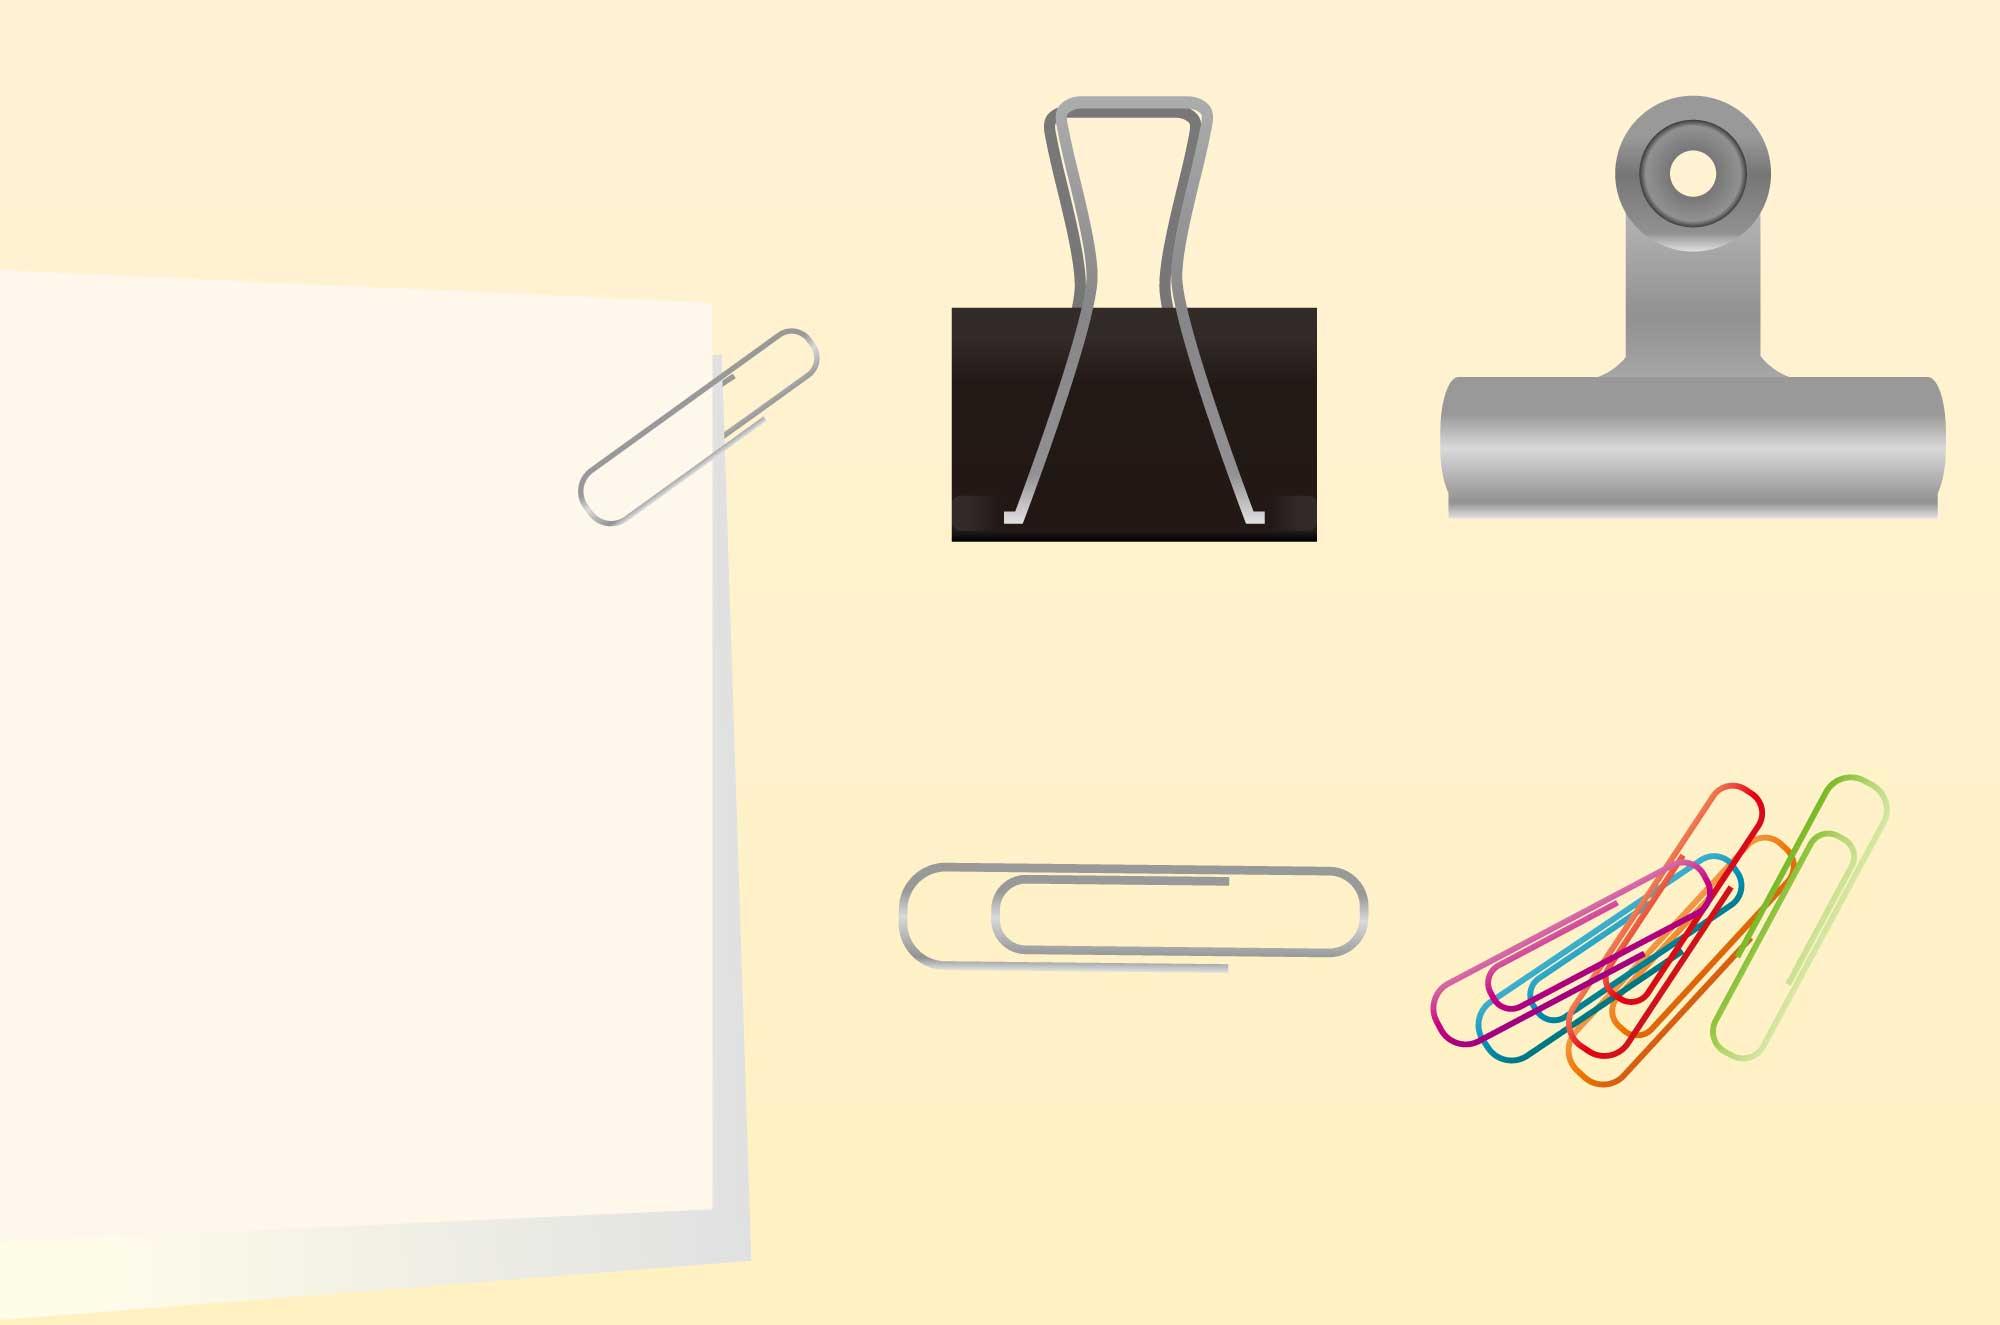 クリップのイラスト - 紙を挟む事務用品の無料素材